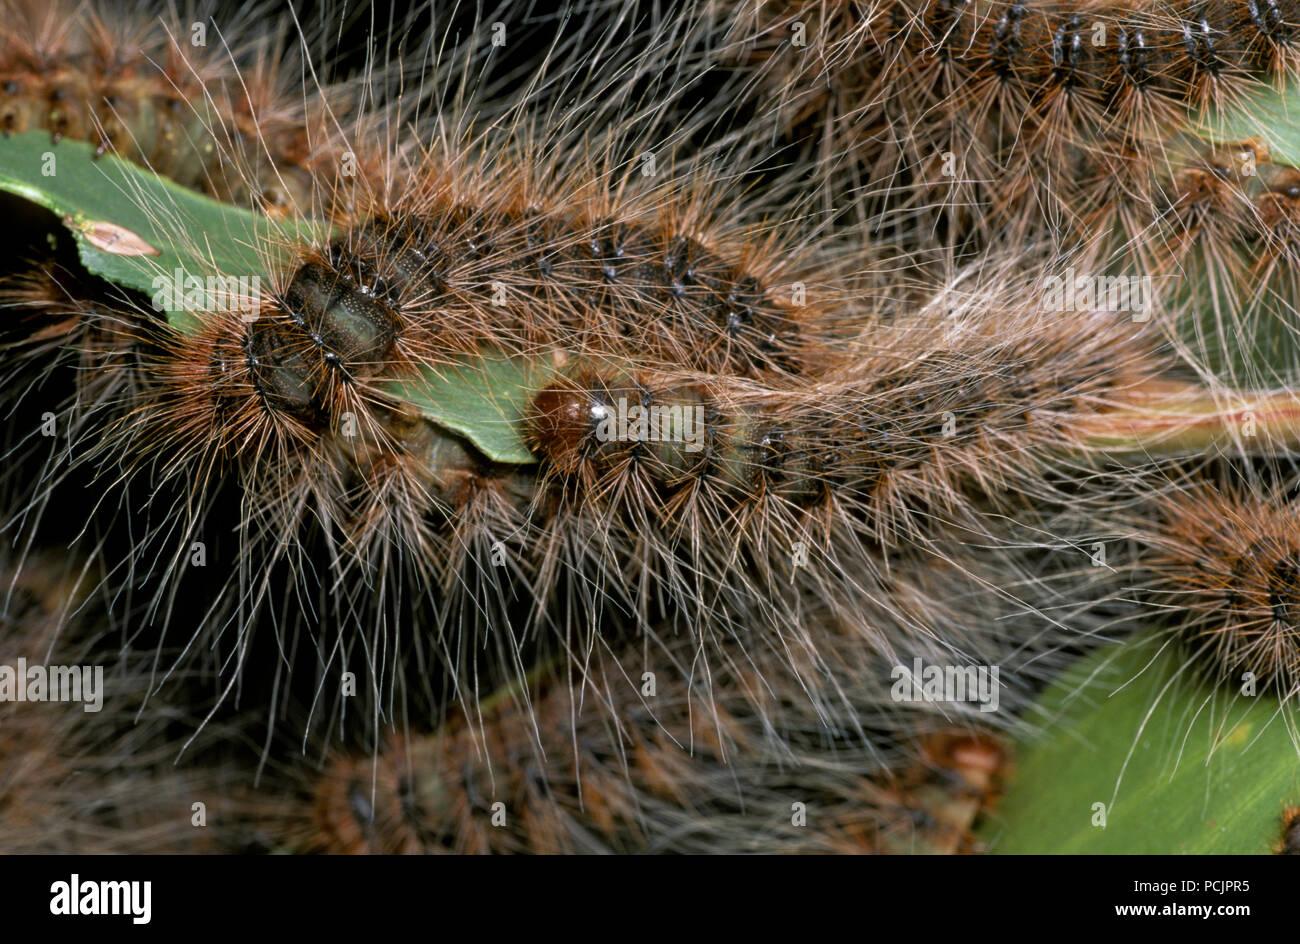 Australian Caterpillars Stock Photos Australian Caterpillars Stock